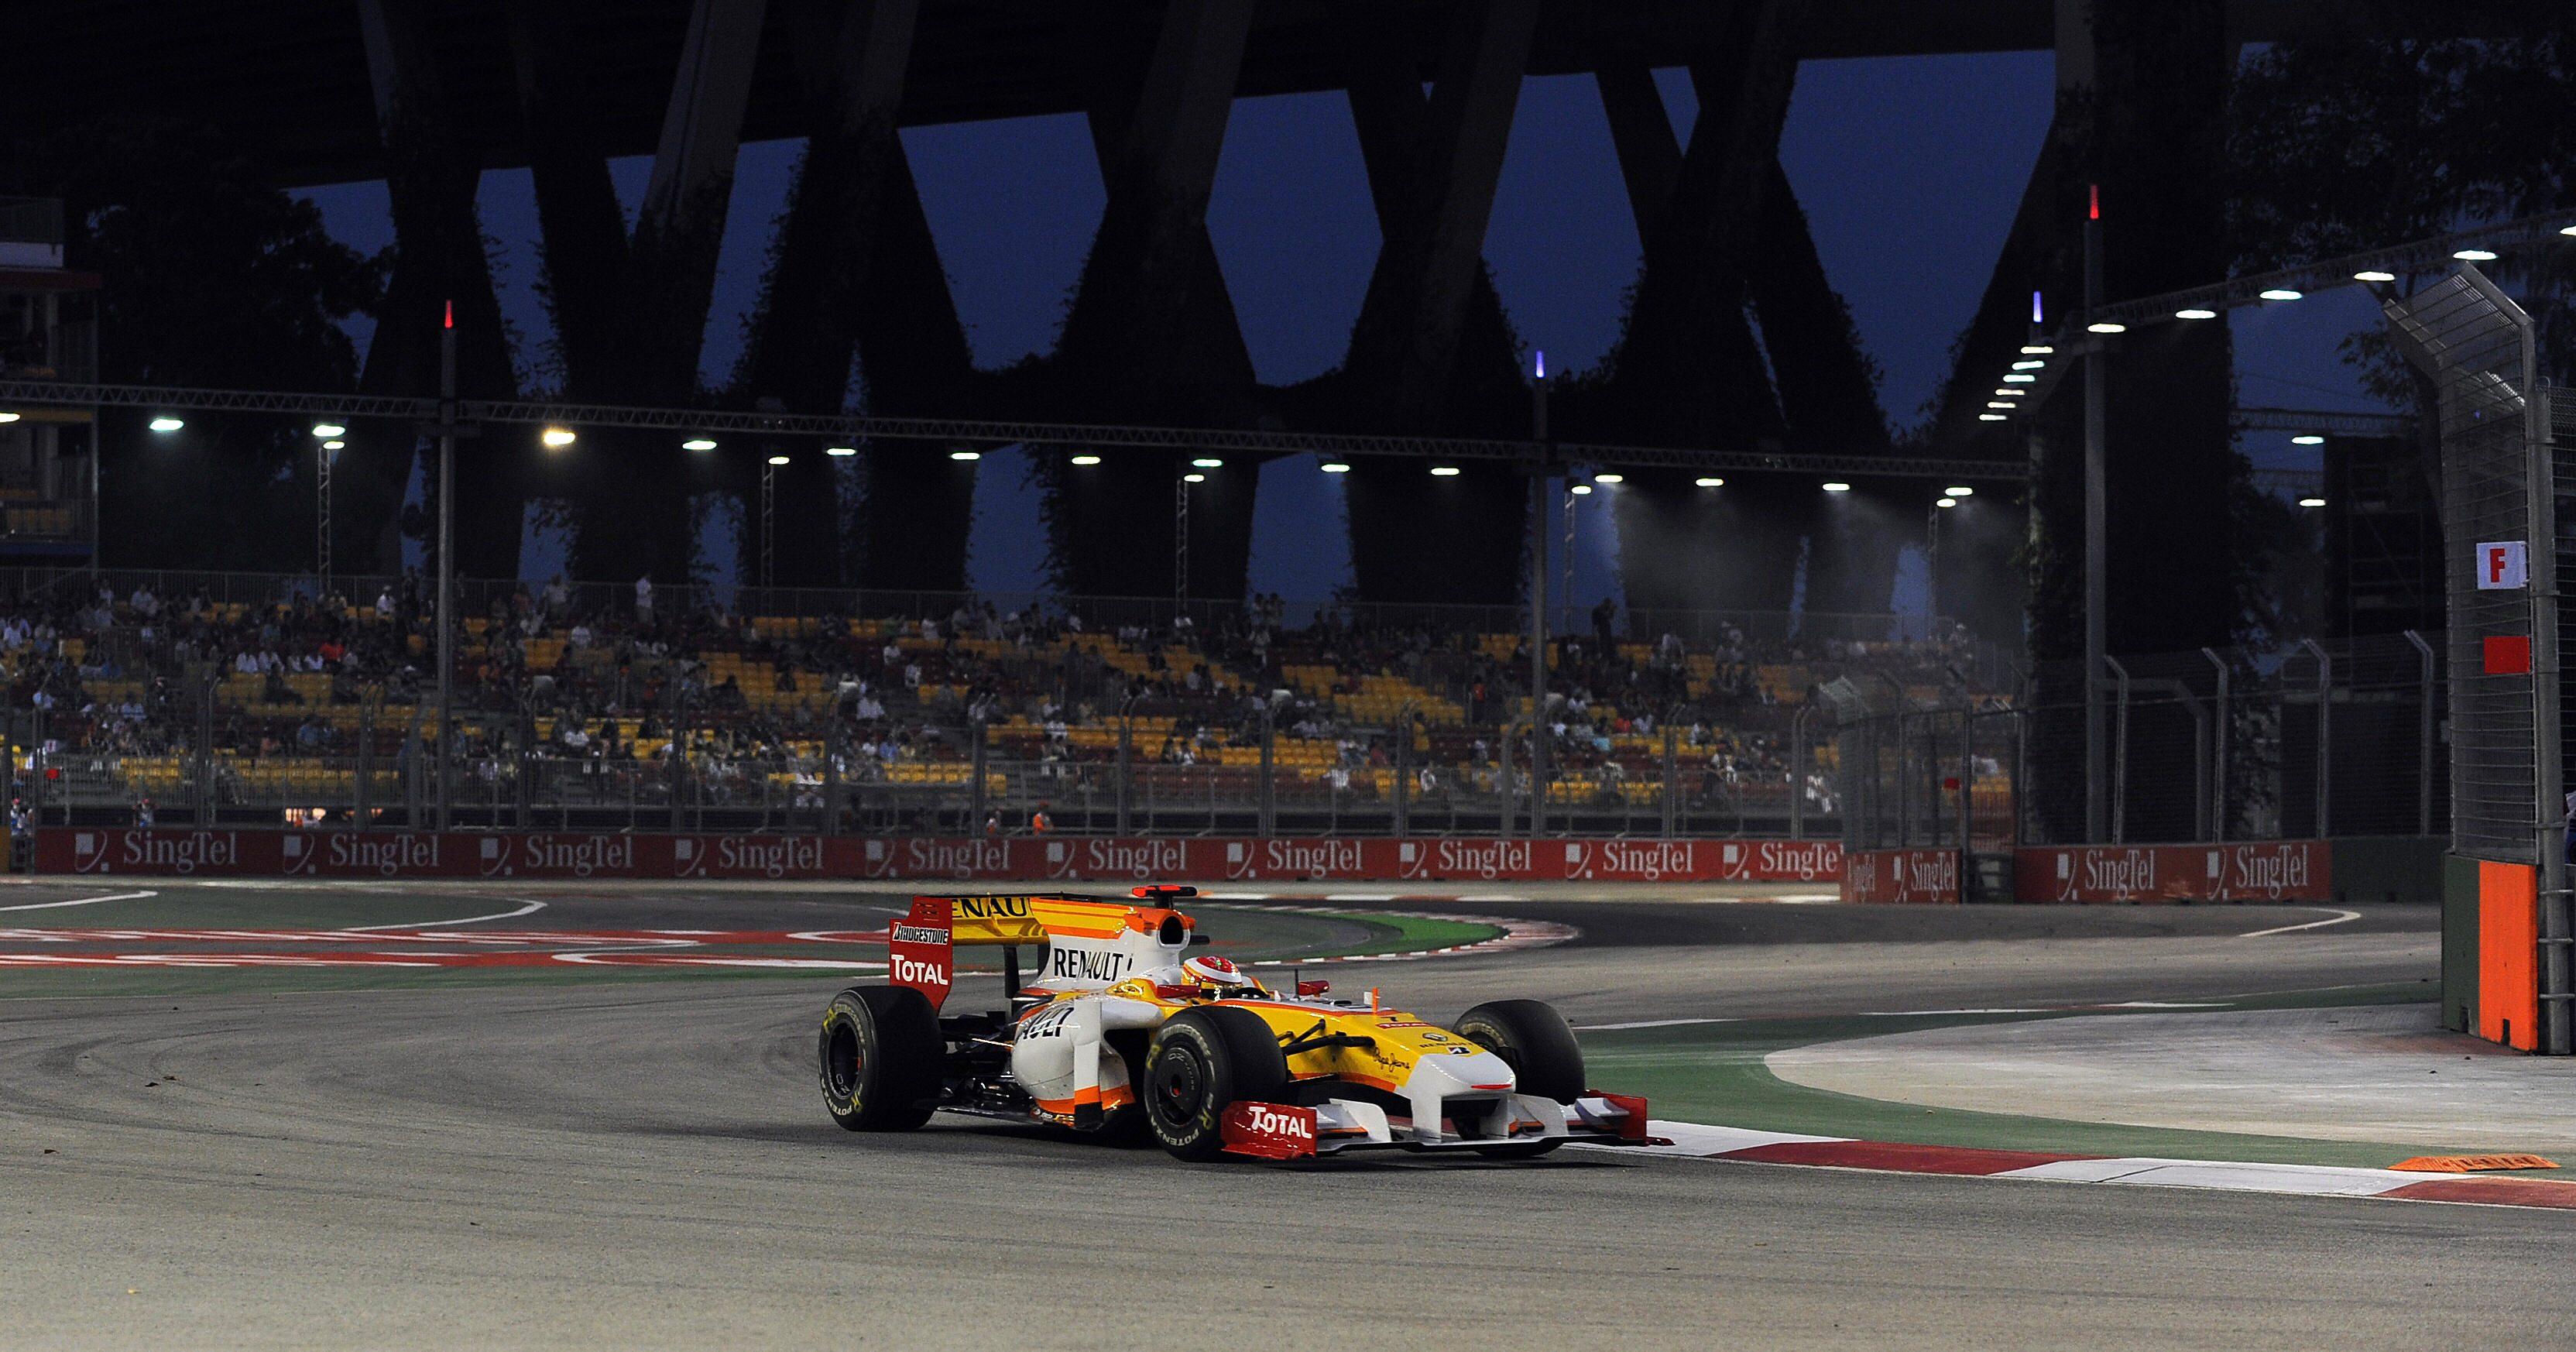 La F1 verso il GP numero 1000: cinque pietre miliari